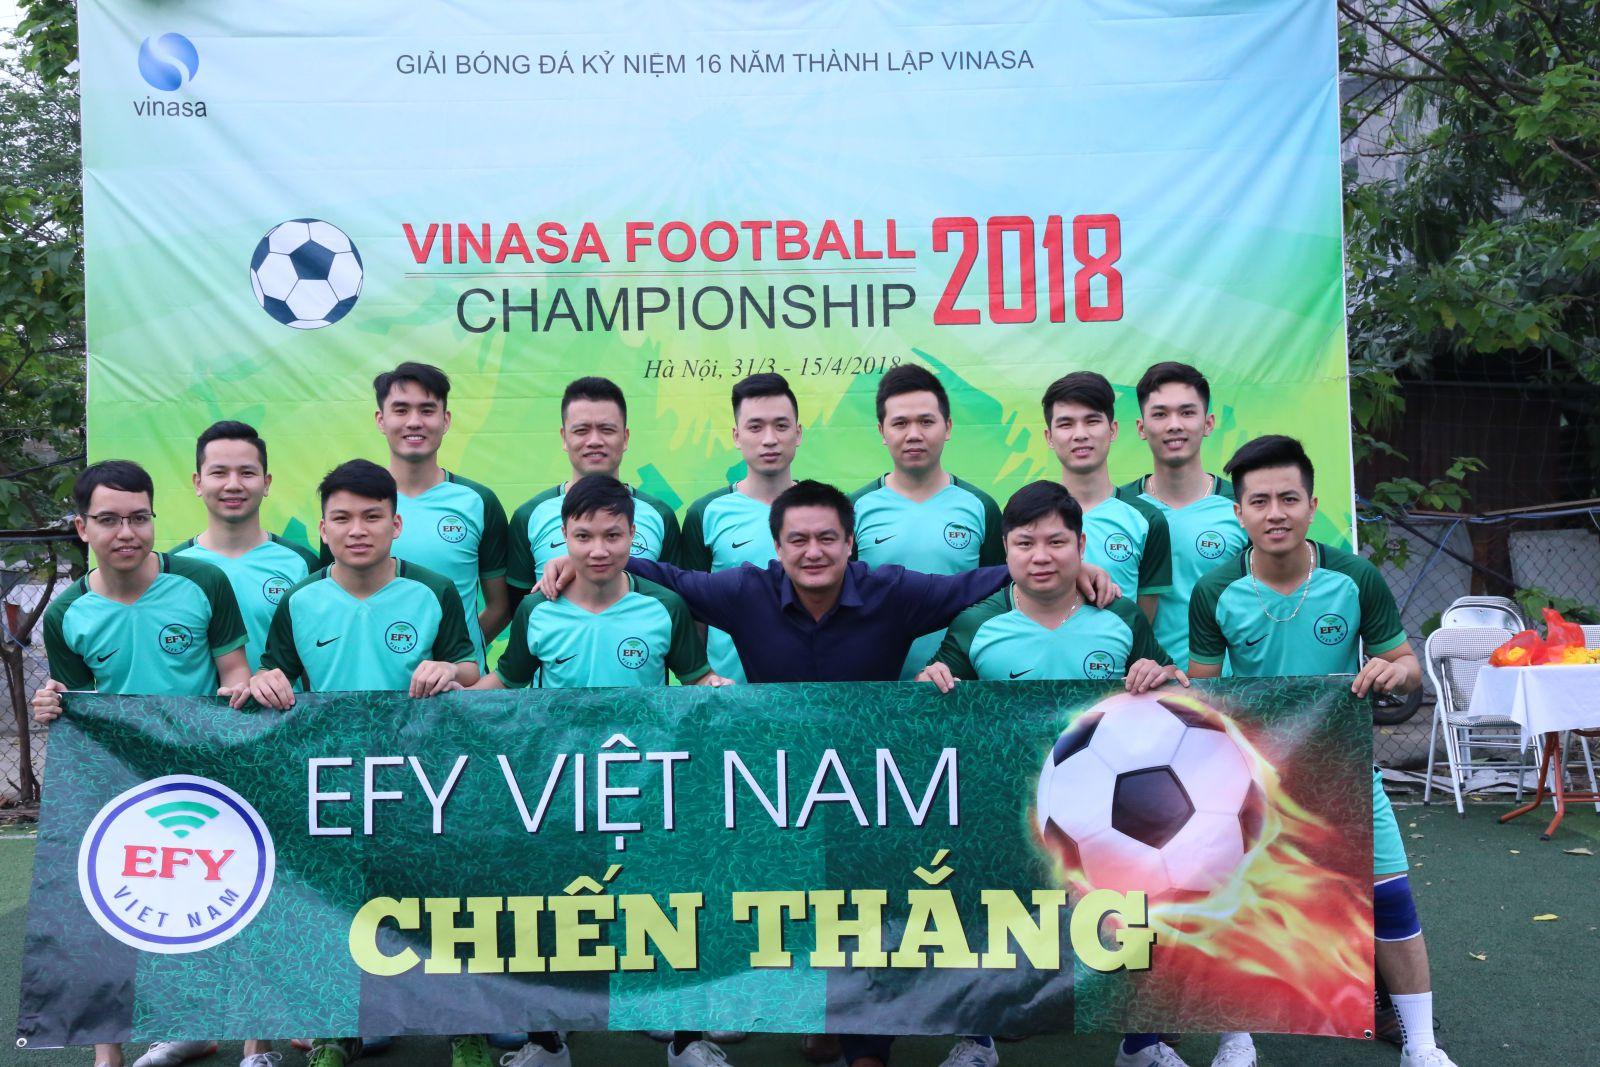 VINASA'S Football Championship 2018 - Nhịp cầu kết nối các doanh